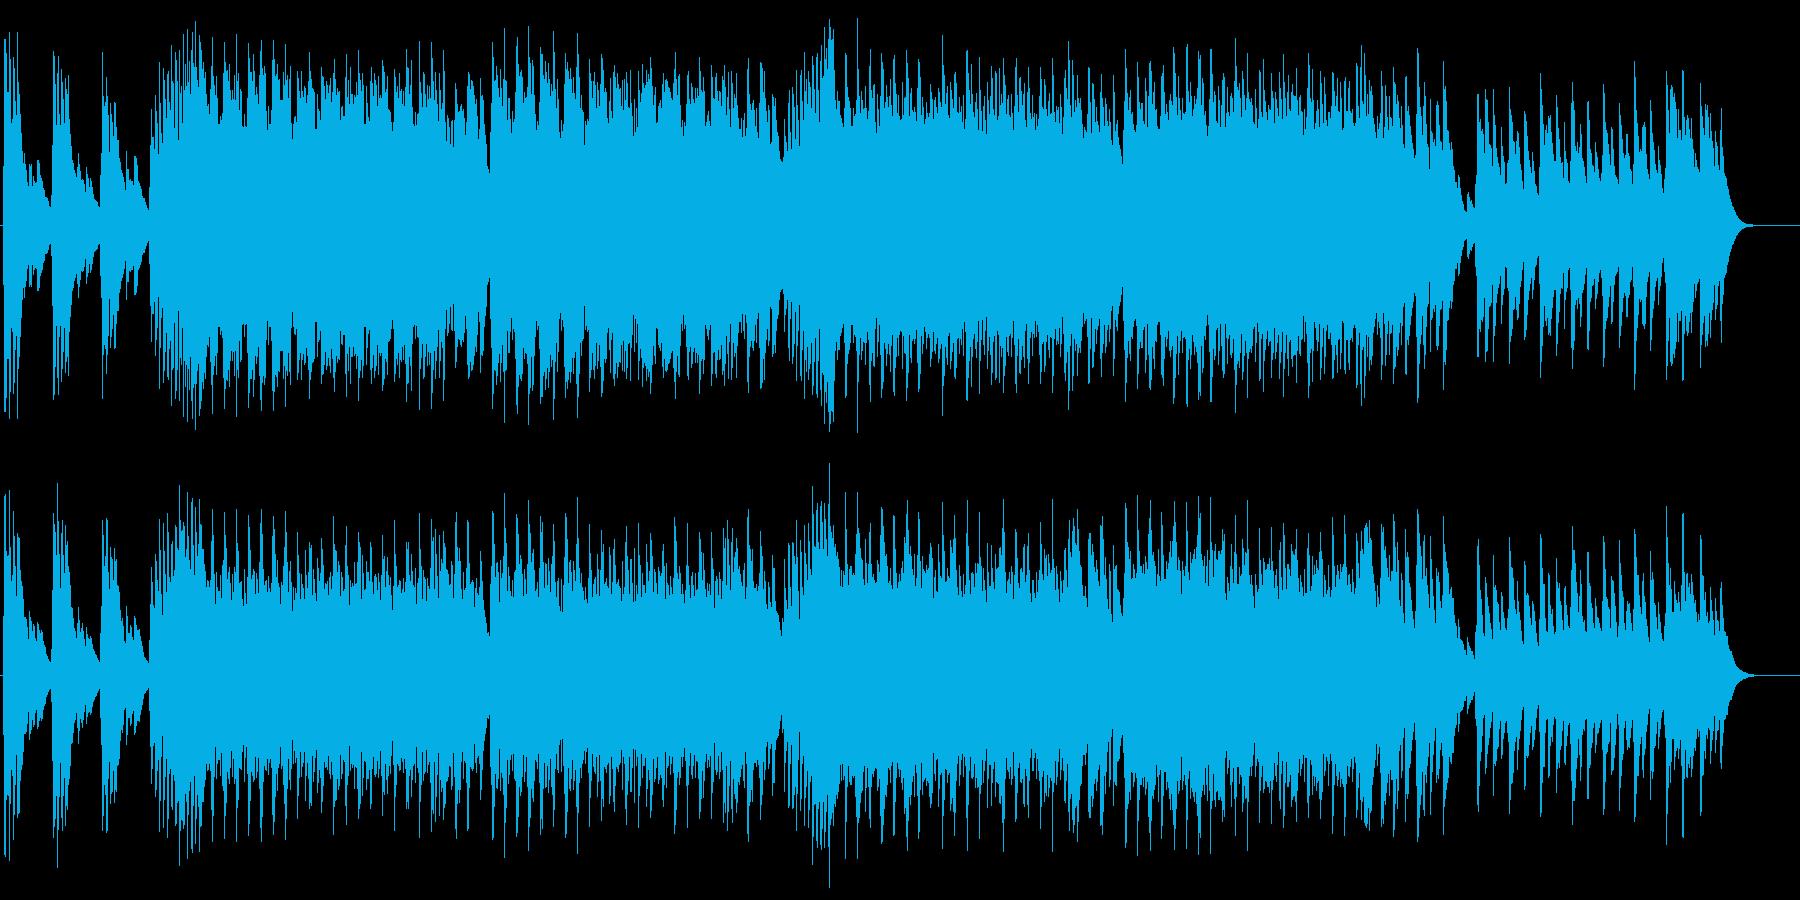 輪になって歌おう オルゴールの再生済みの波形